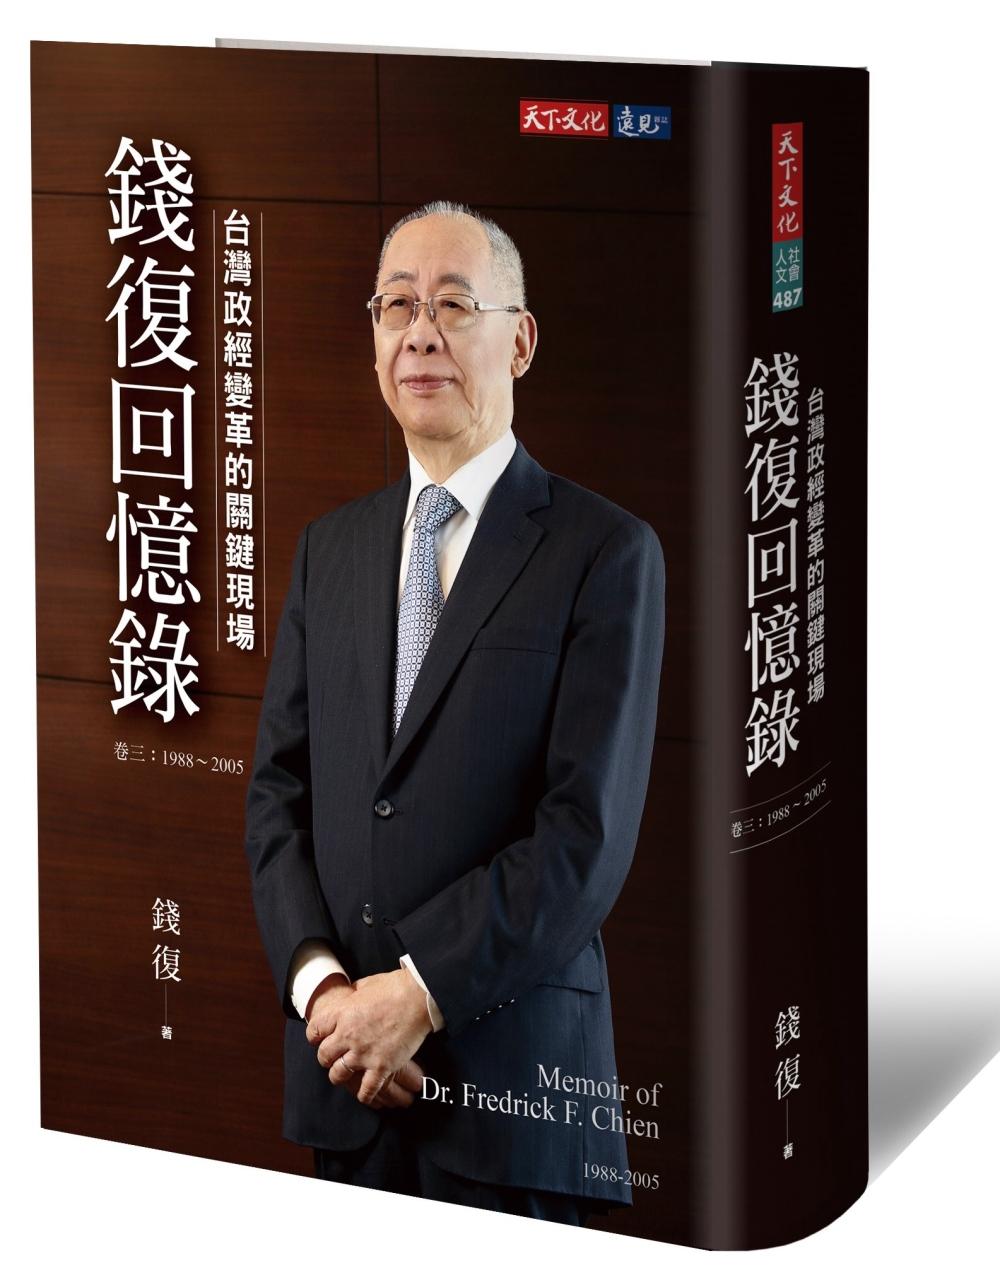 錢復回憶錄・卷三:1988-2005台灣政經變革的關鍵現場